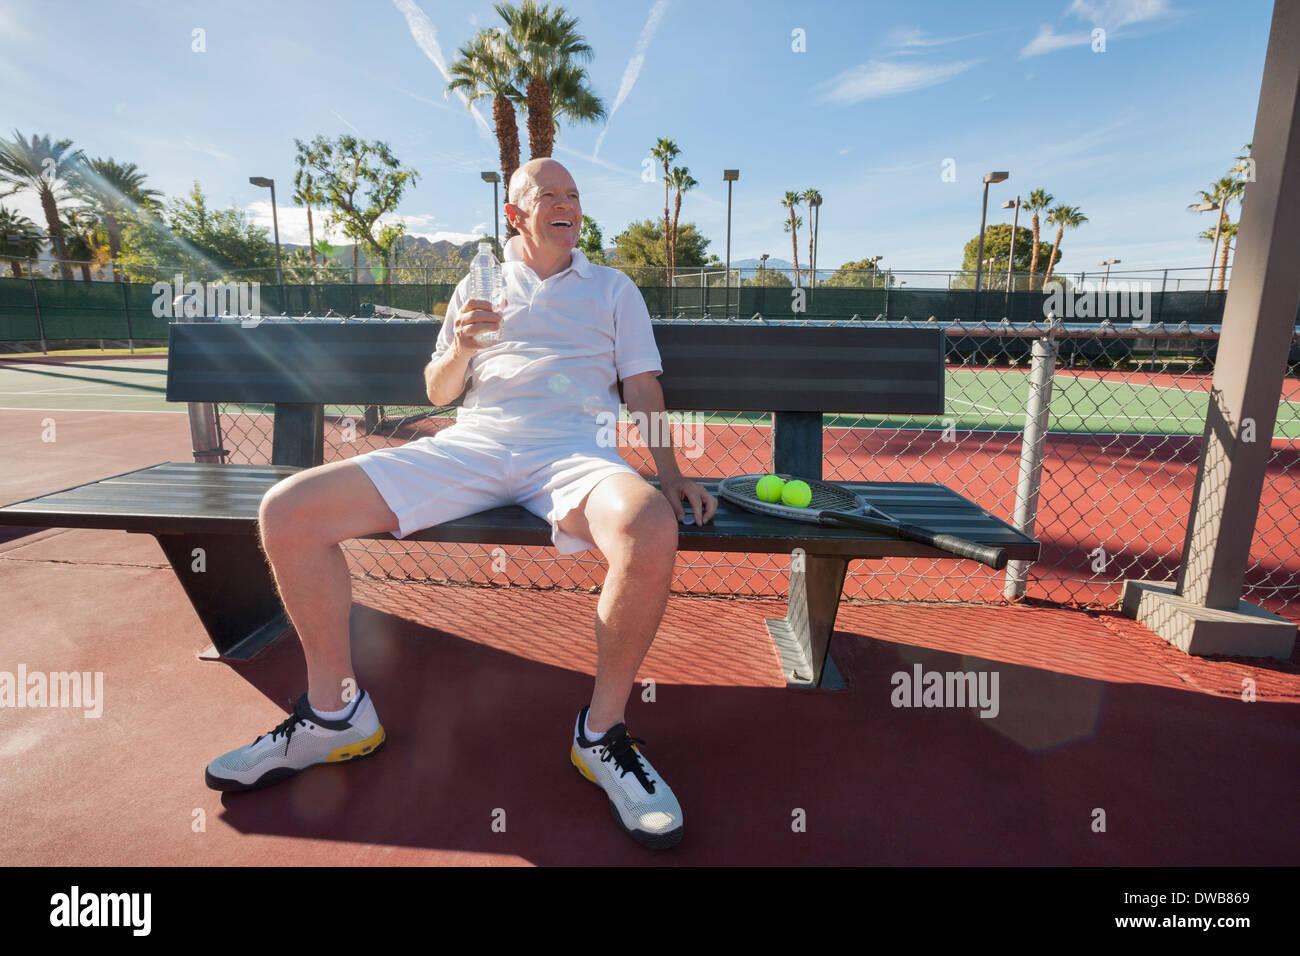 Jugador de tenis masculino senior feliz con la botella de agua sentados en un banco en la corte Imagen De Stock